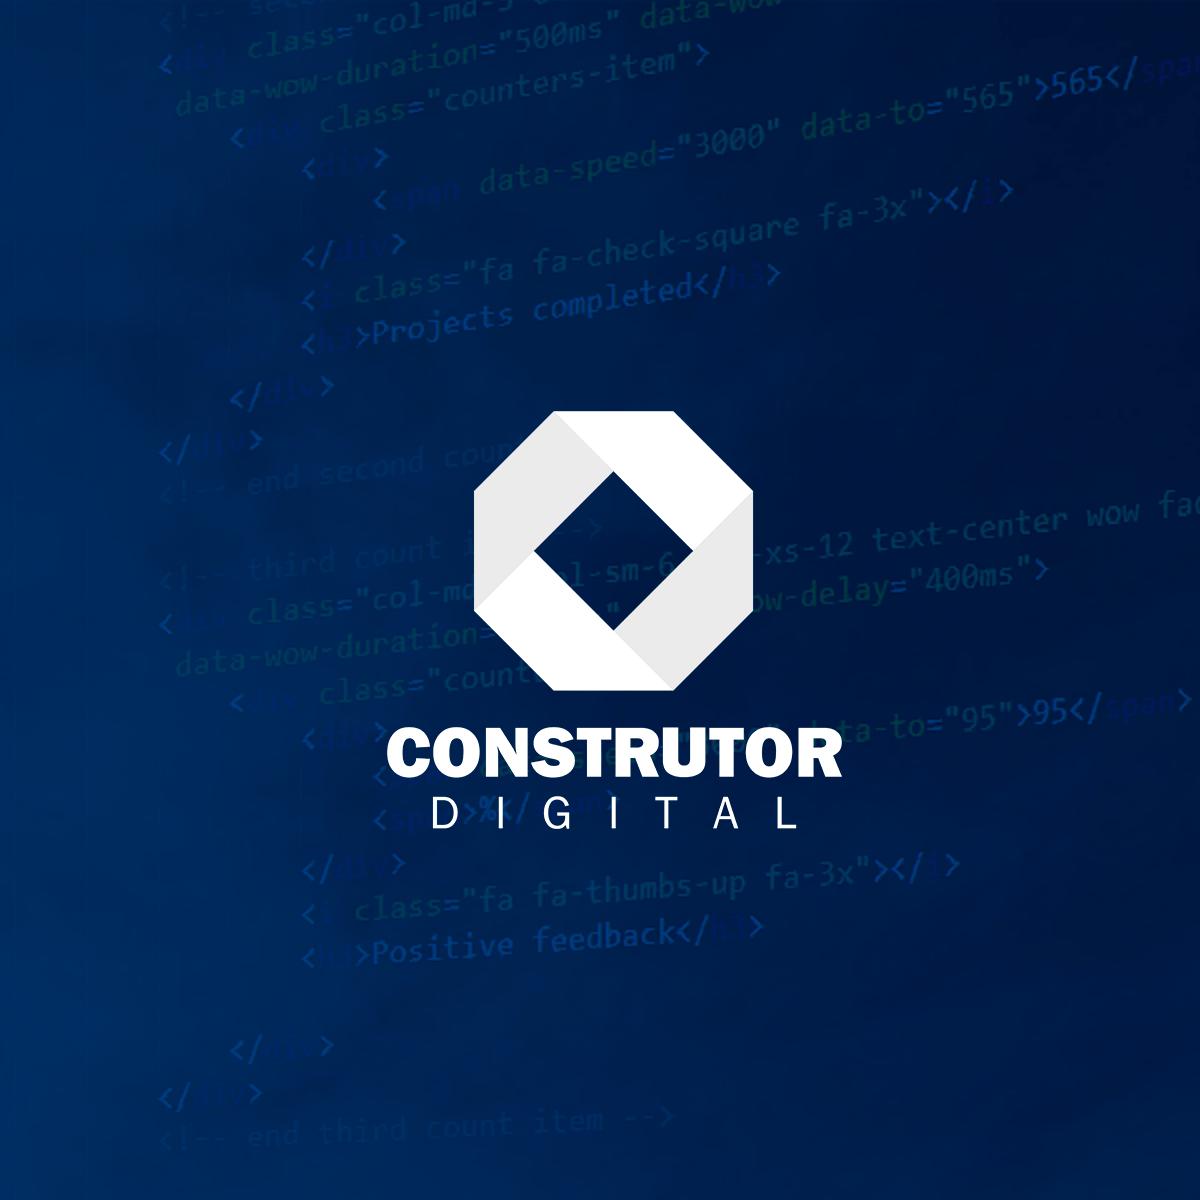 Início do Blog Construtor Digital